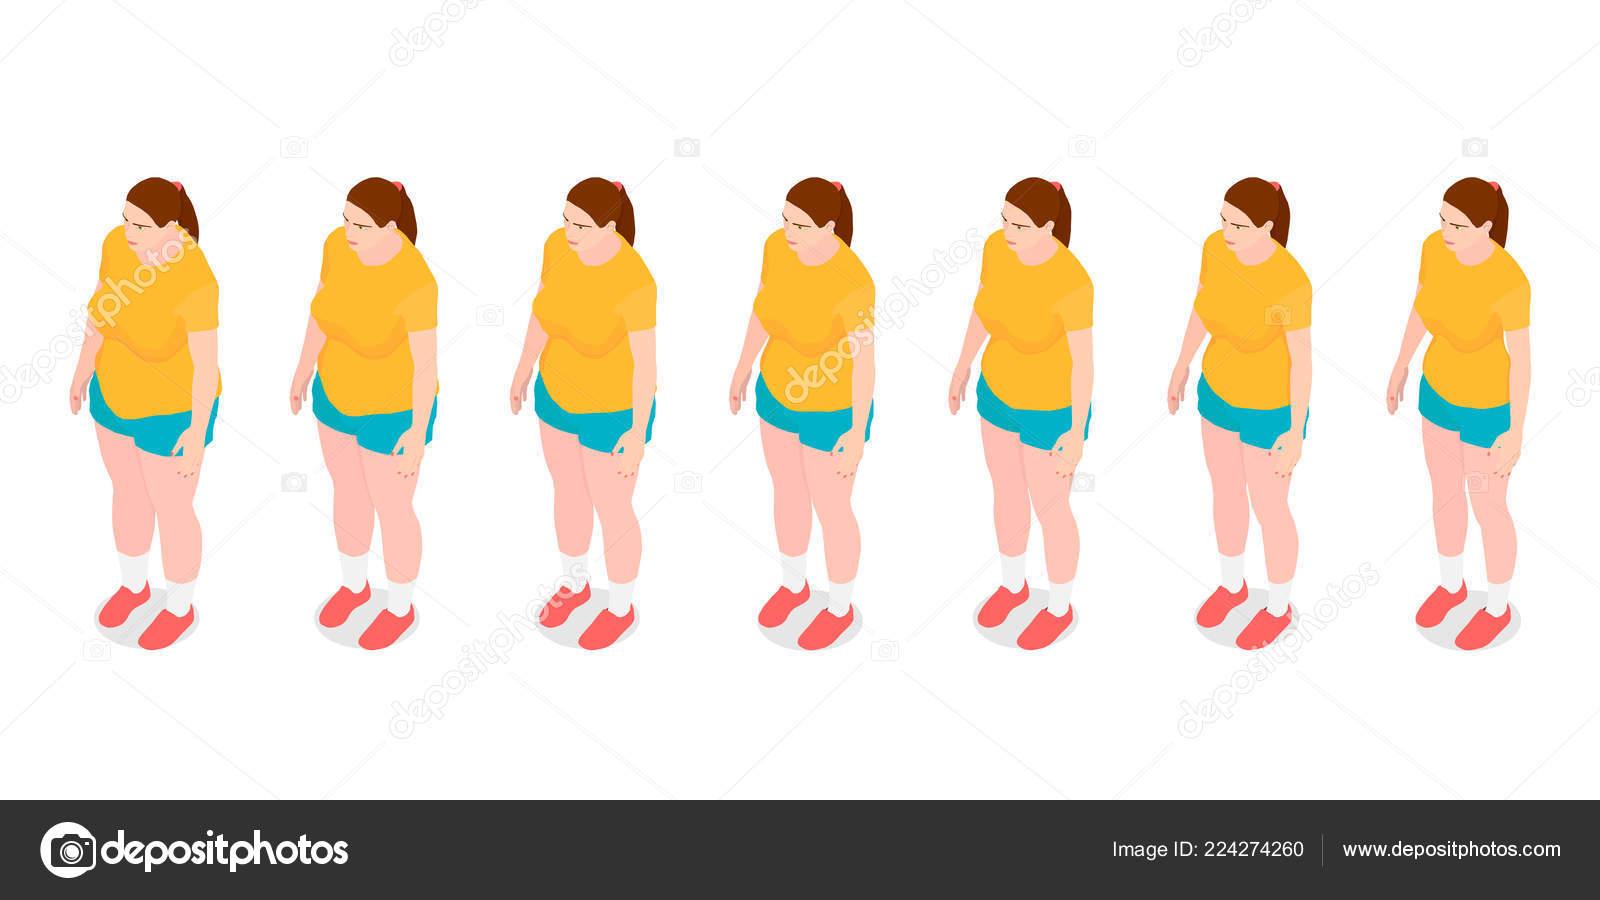 sfondi hd perdita di peso